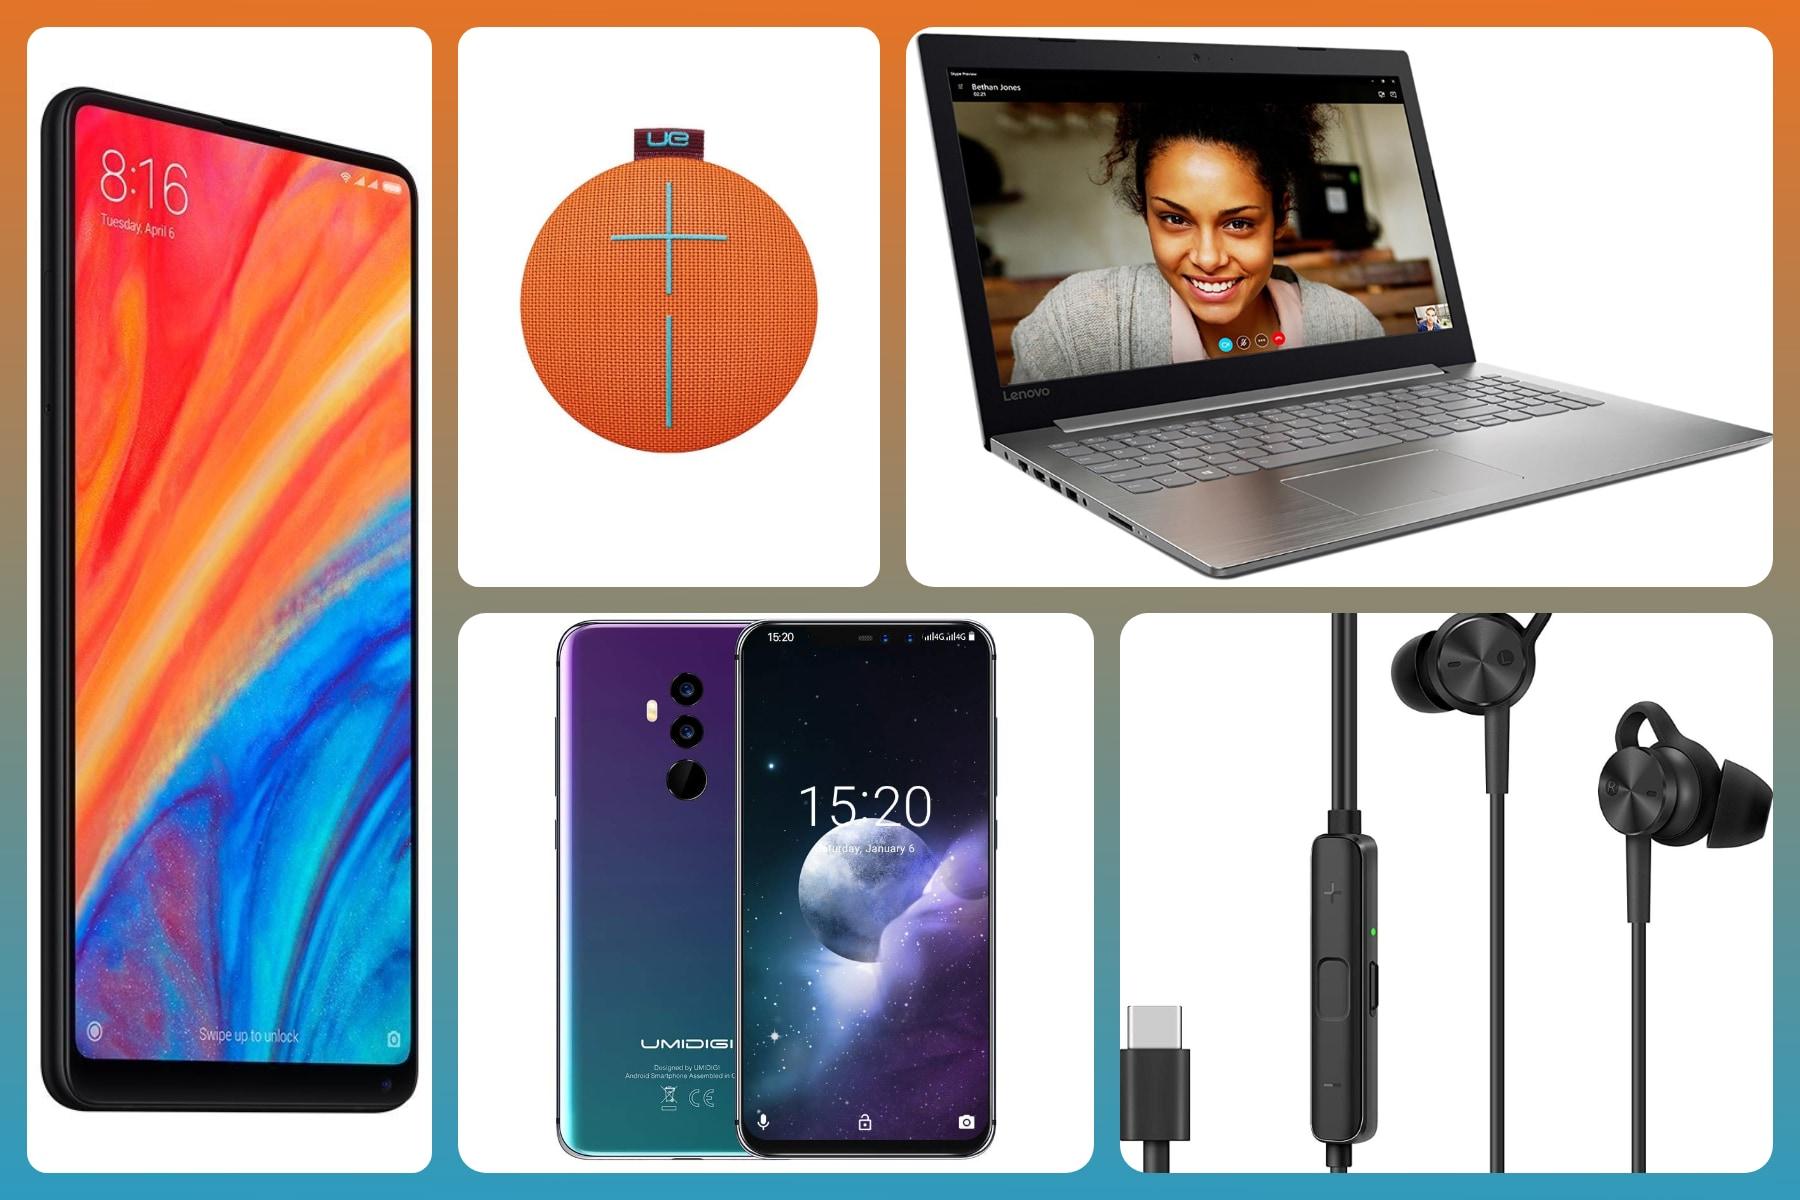 Offerte Amazon: Xiaomi Mi MIX 2S, notebook, cuffie USB-C, UE ROLL 2 e tanto altro - image migliori-offerte-amazon-19-settembre-2018 on http://www.zxbyte.com